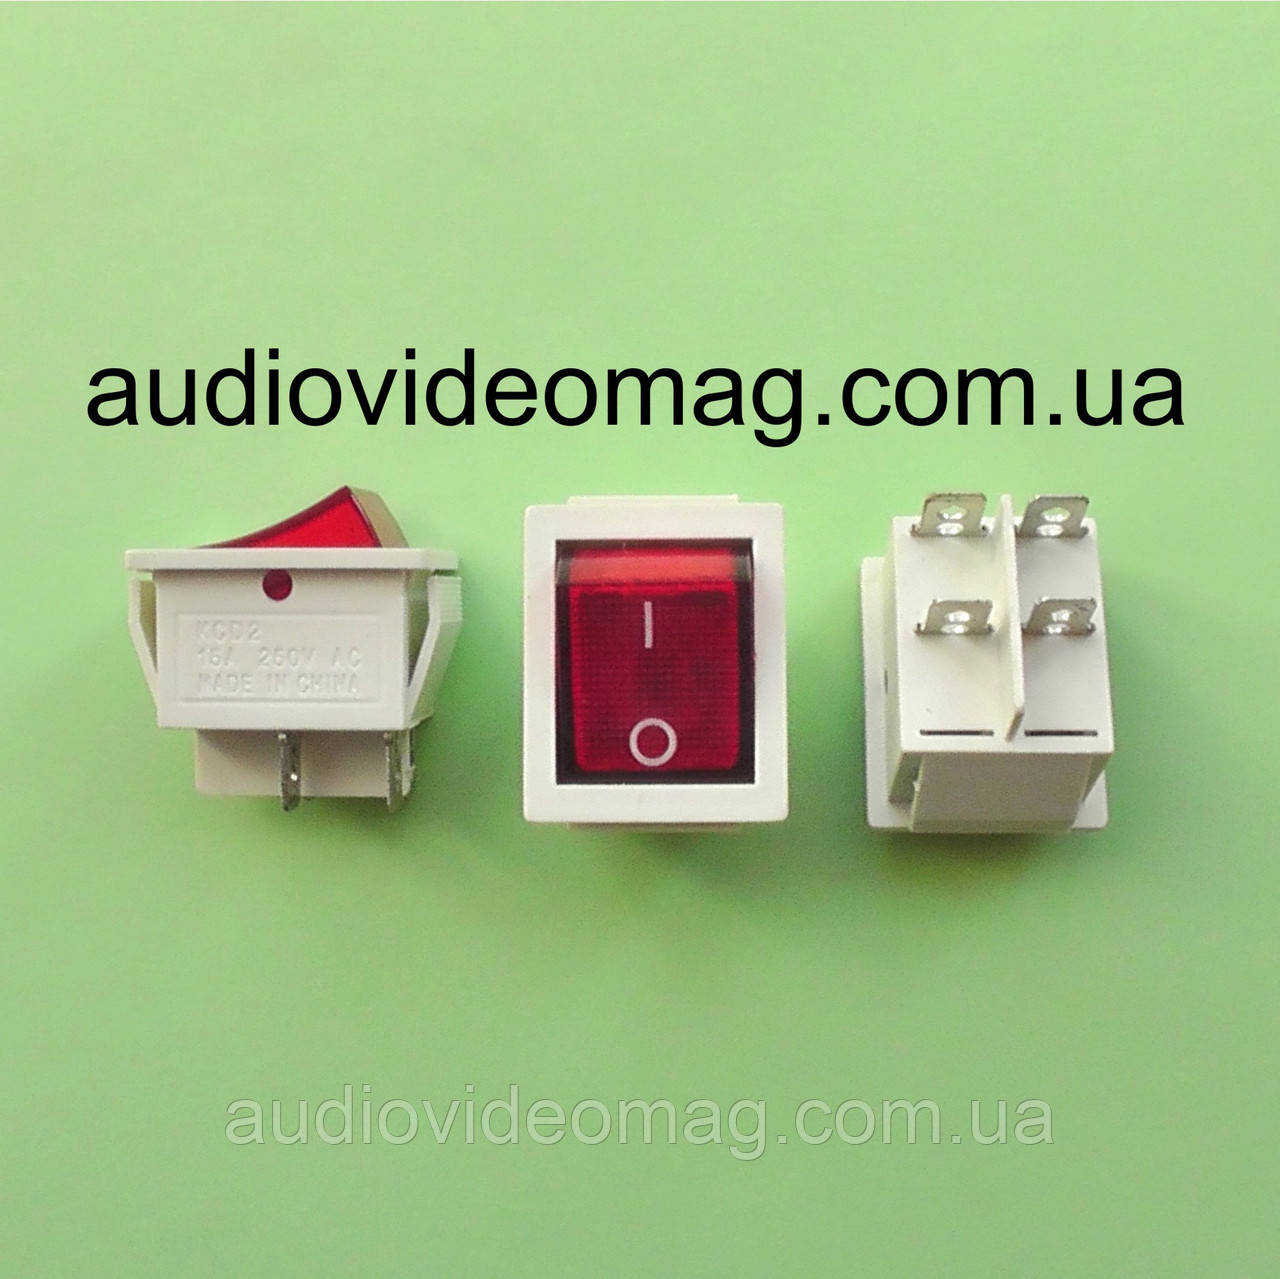 Кнопочный выключатель 28.5 х 22 мм, 250V 15A, цвет корпуса - белый